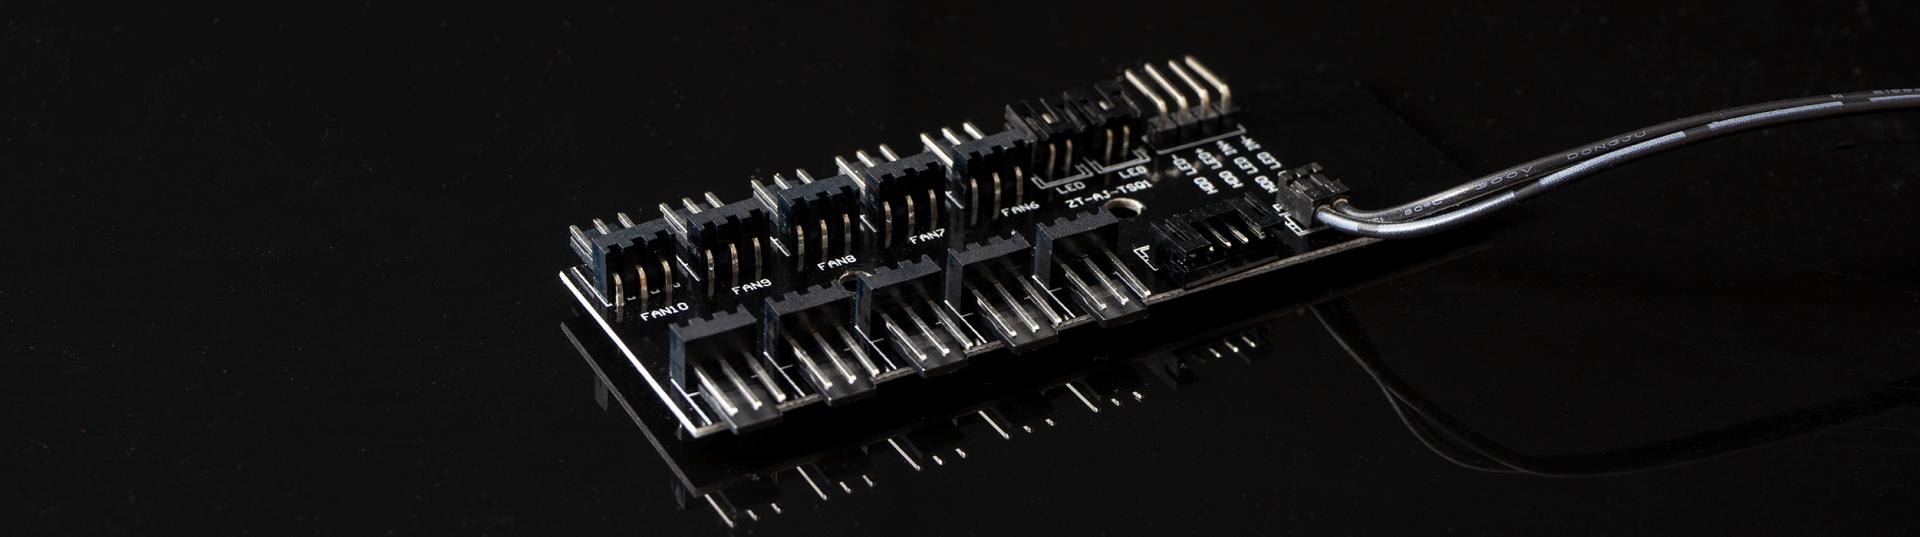 spc-armis-feat-controller2-1920x537.jpg